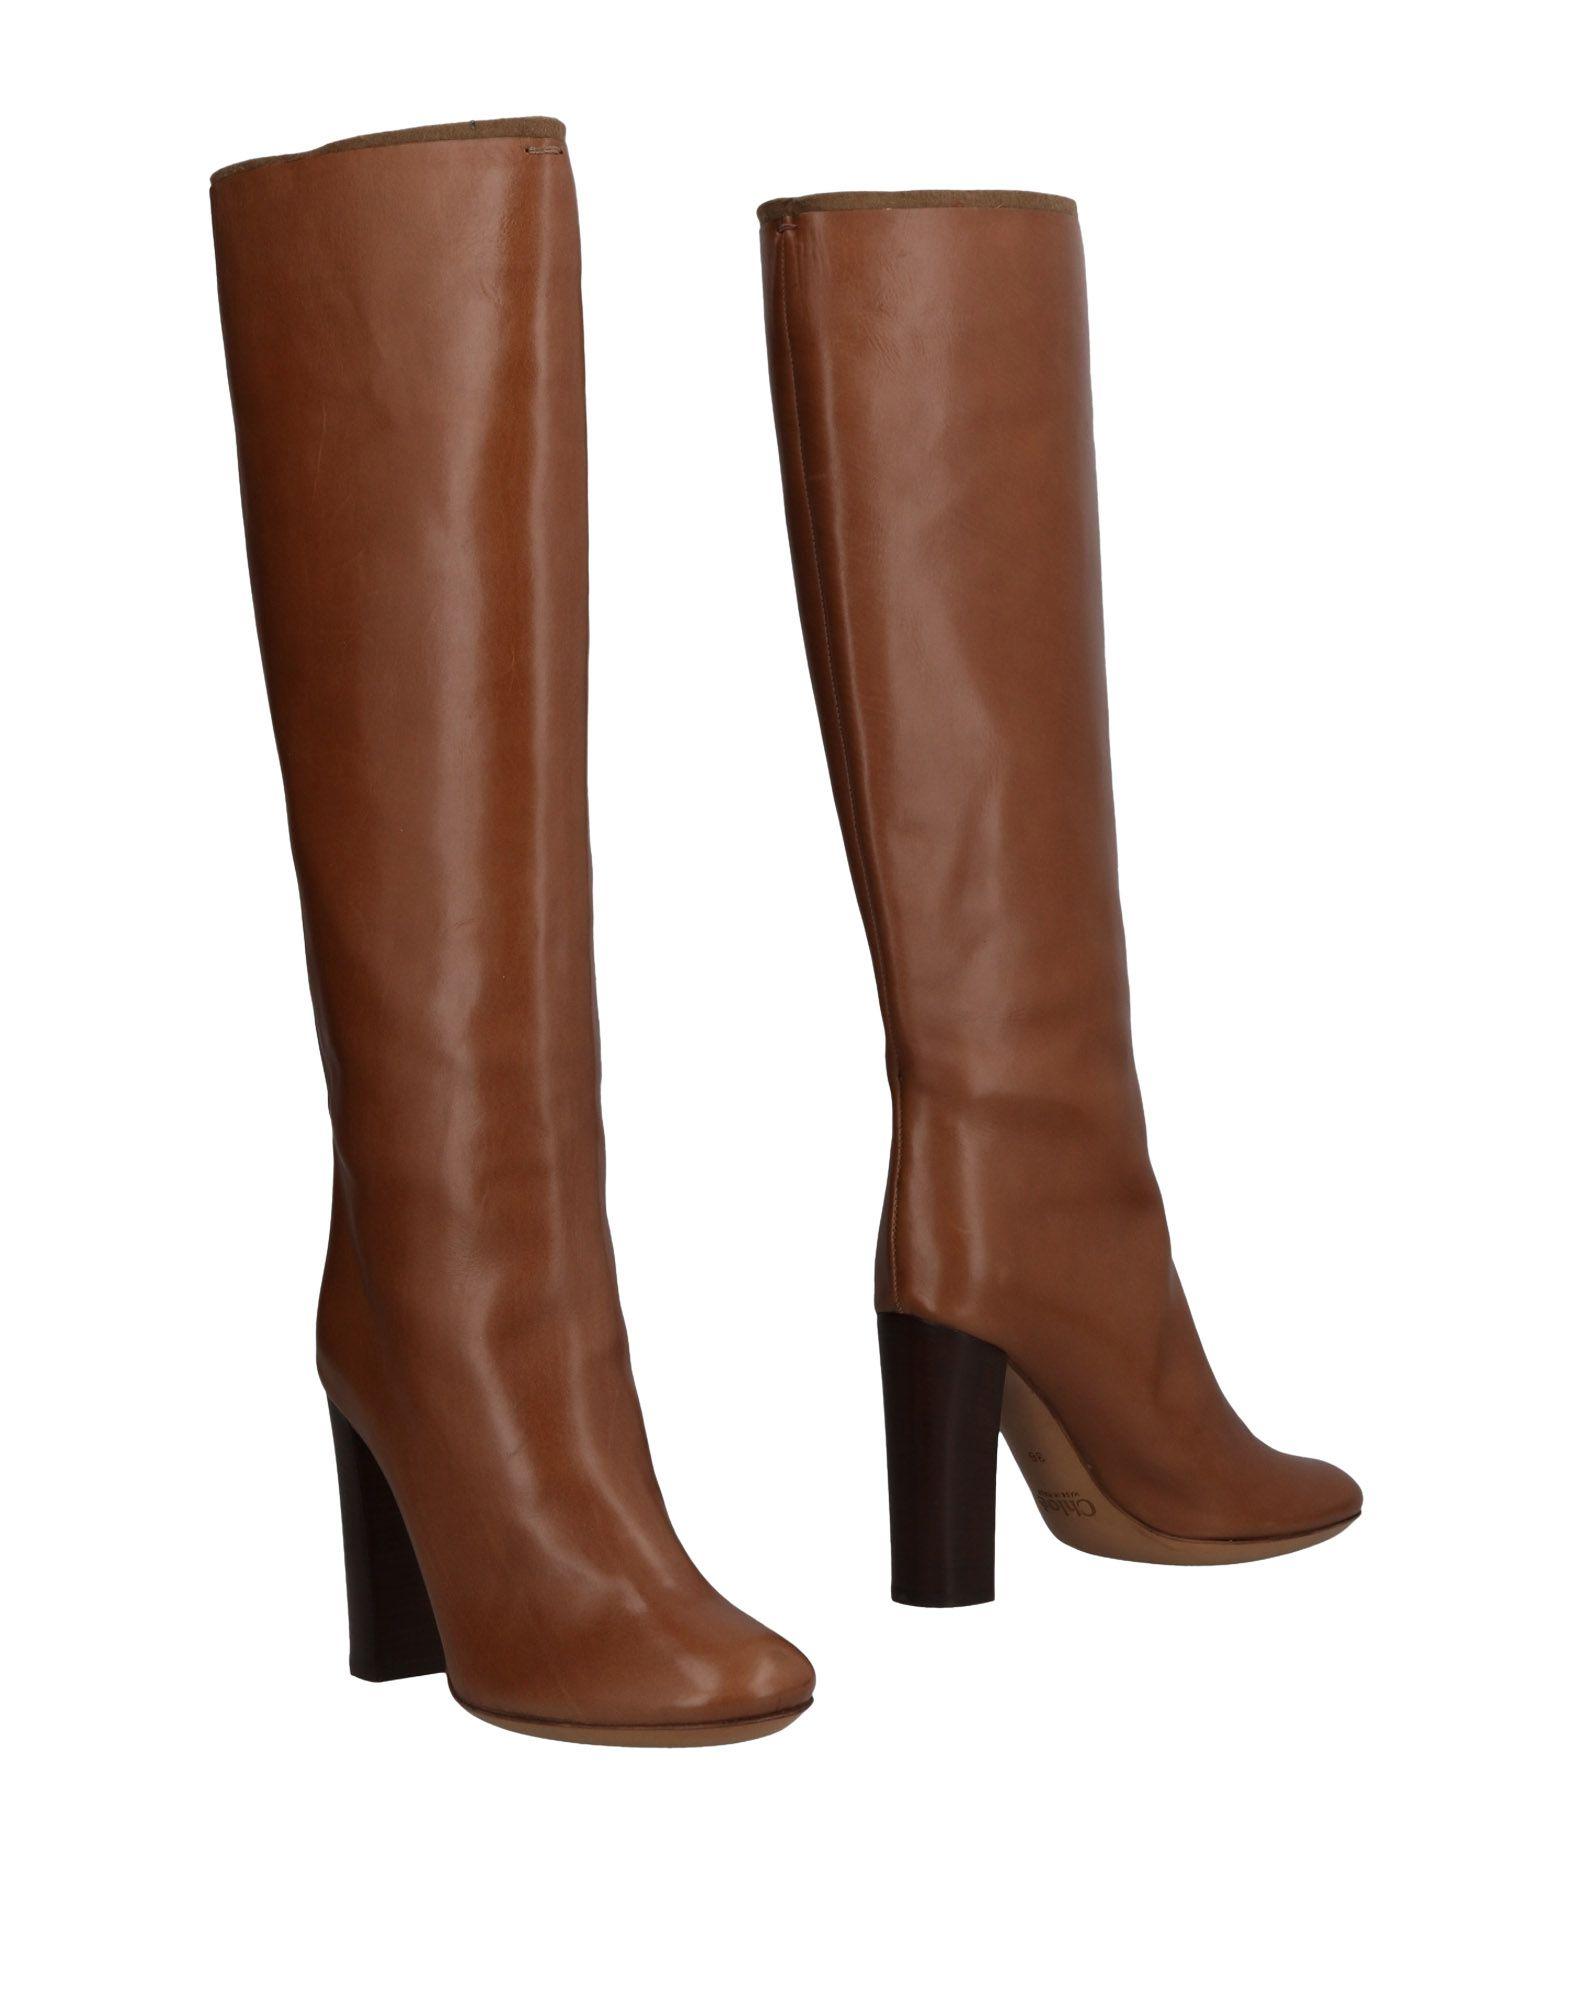 Stivali Chloé Donna - 11488926CX Scarpe economiche e buone